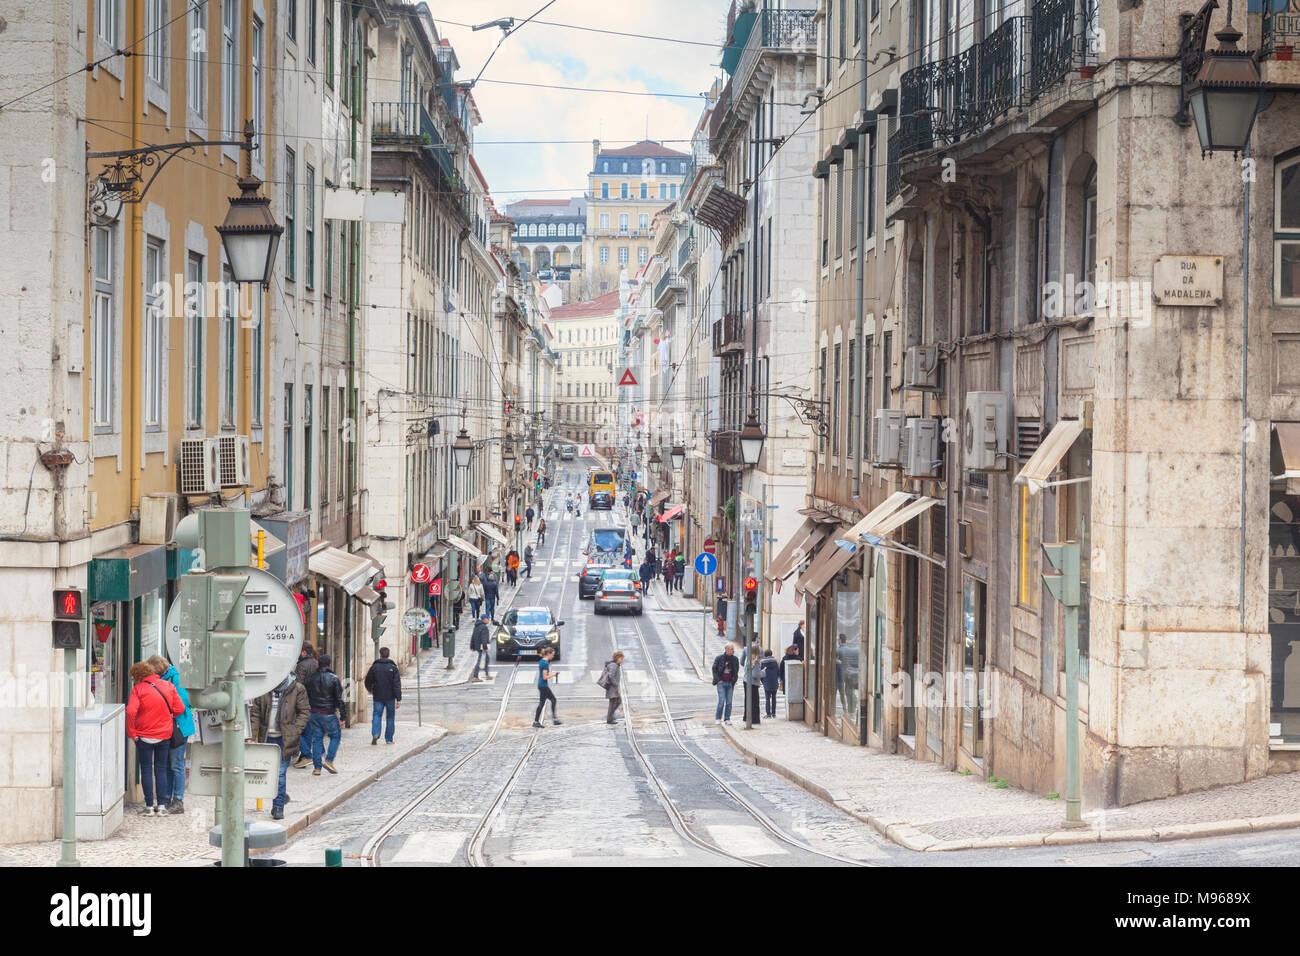 1. März 2018: Lissabon, Portugal - Rua da conceicao, einer belebten Straße in der Innenstadt. Stockbild